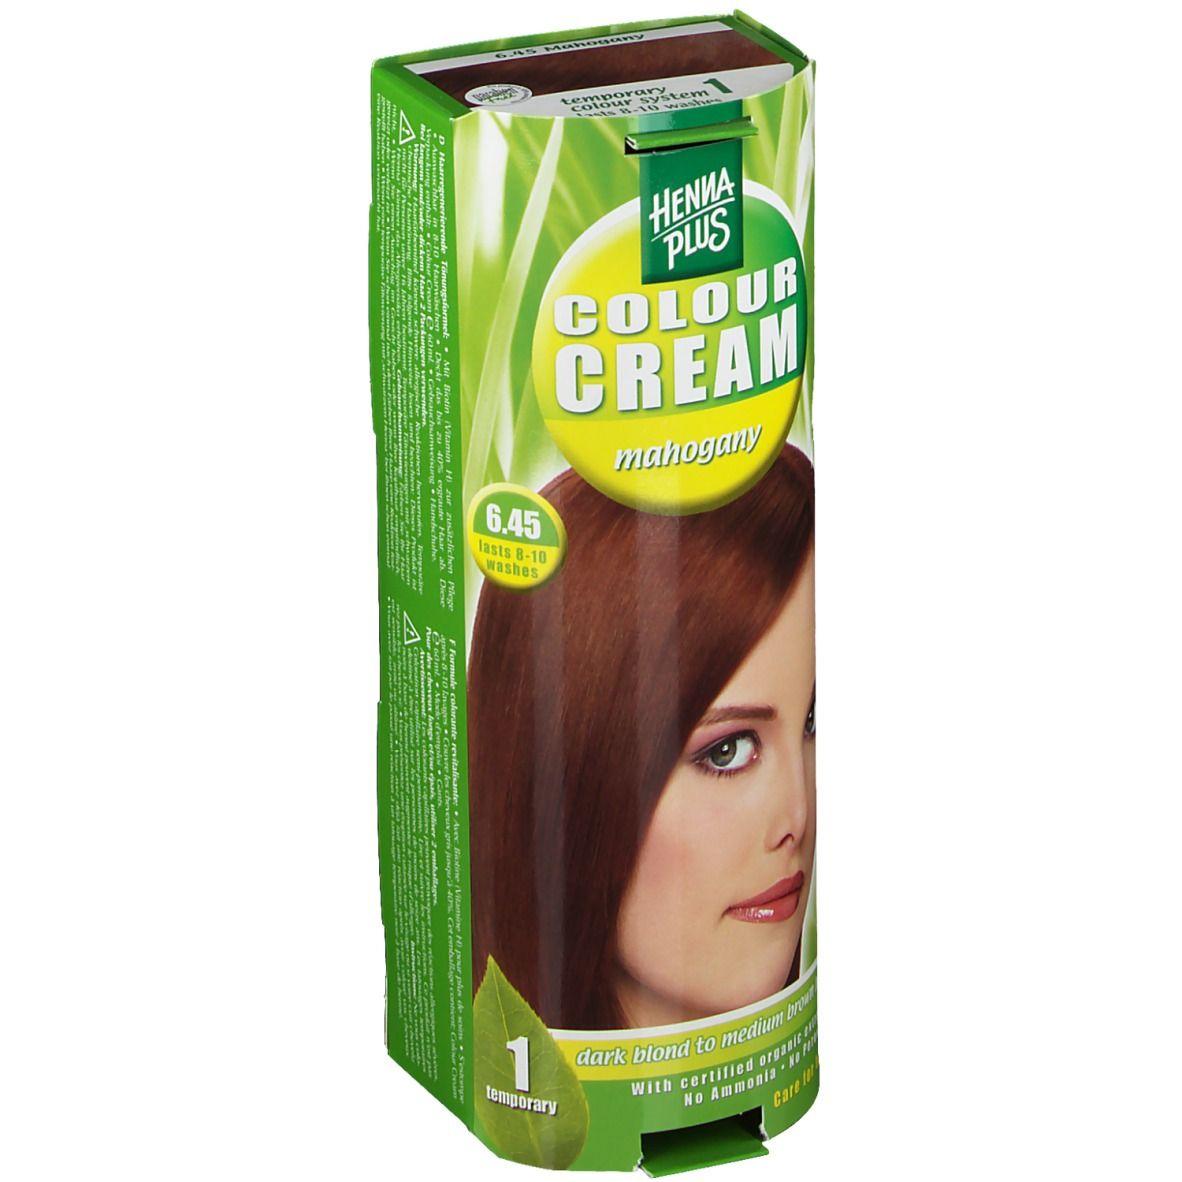 Hennaplus Colour Cream Mahogany 6,45